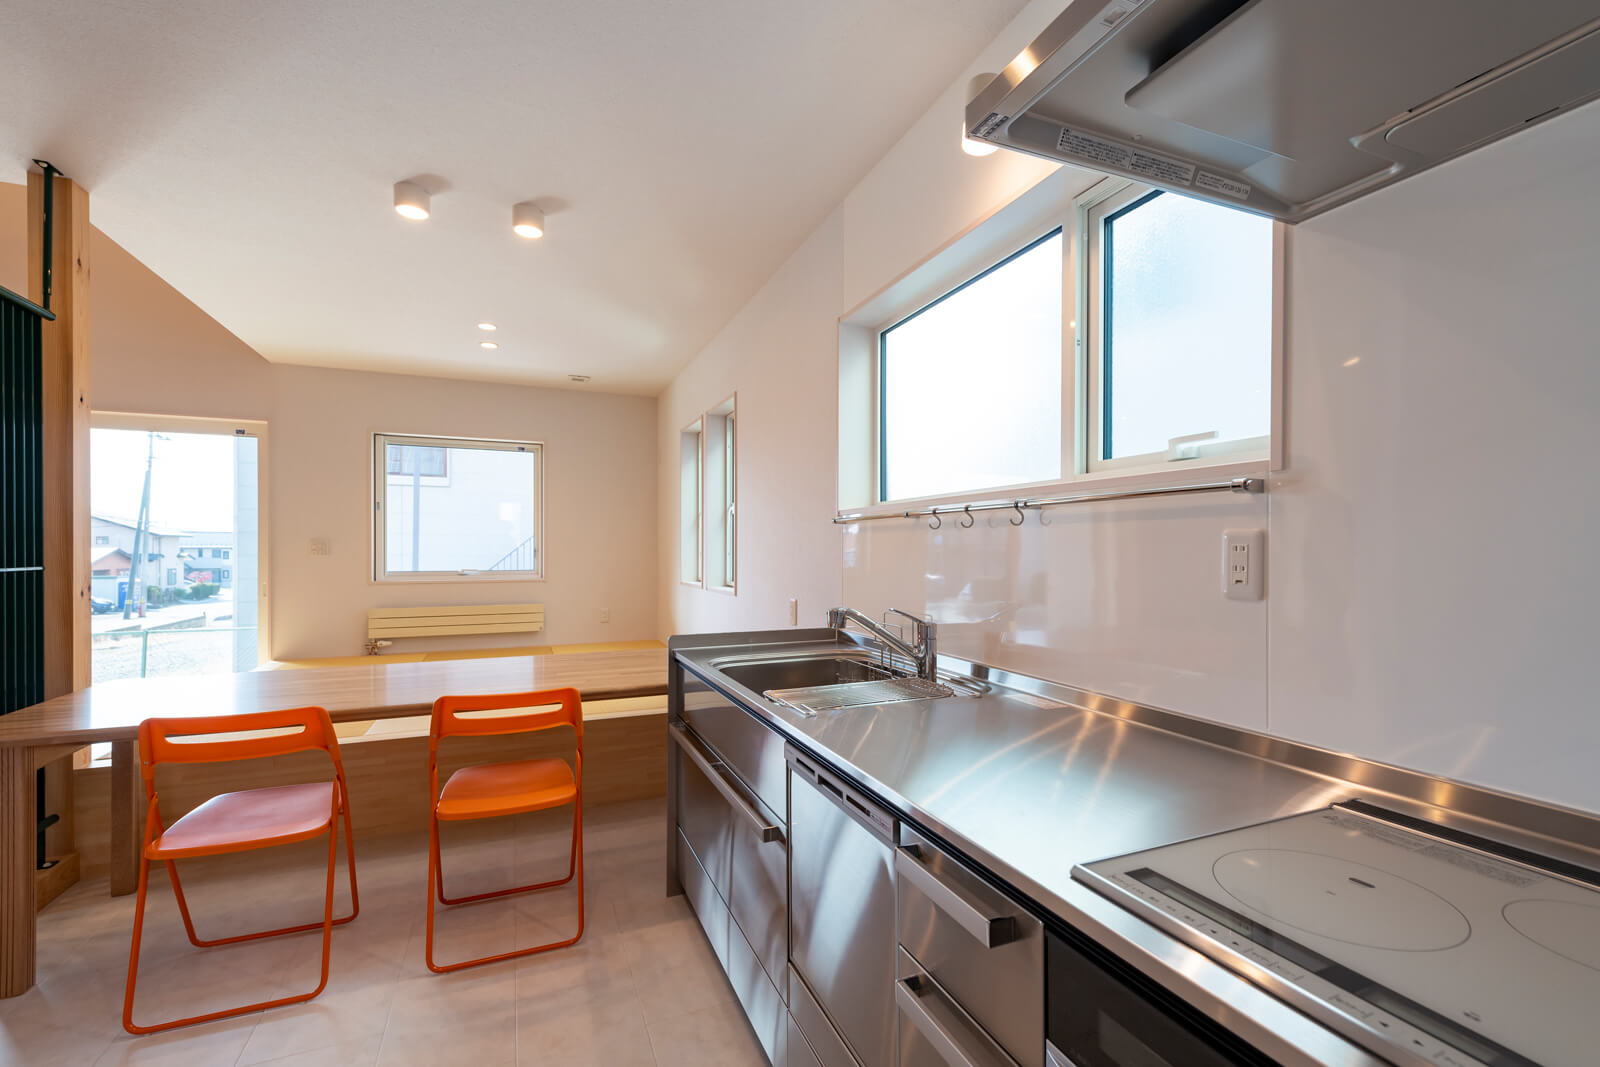 調理台のすぐ横にダイニングテーブルを設置。床をリビングより1段低くして、小上がりに腰掛けながら食事がとれるようになっている